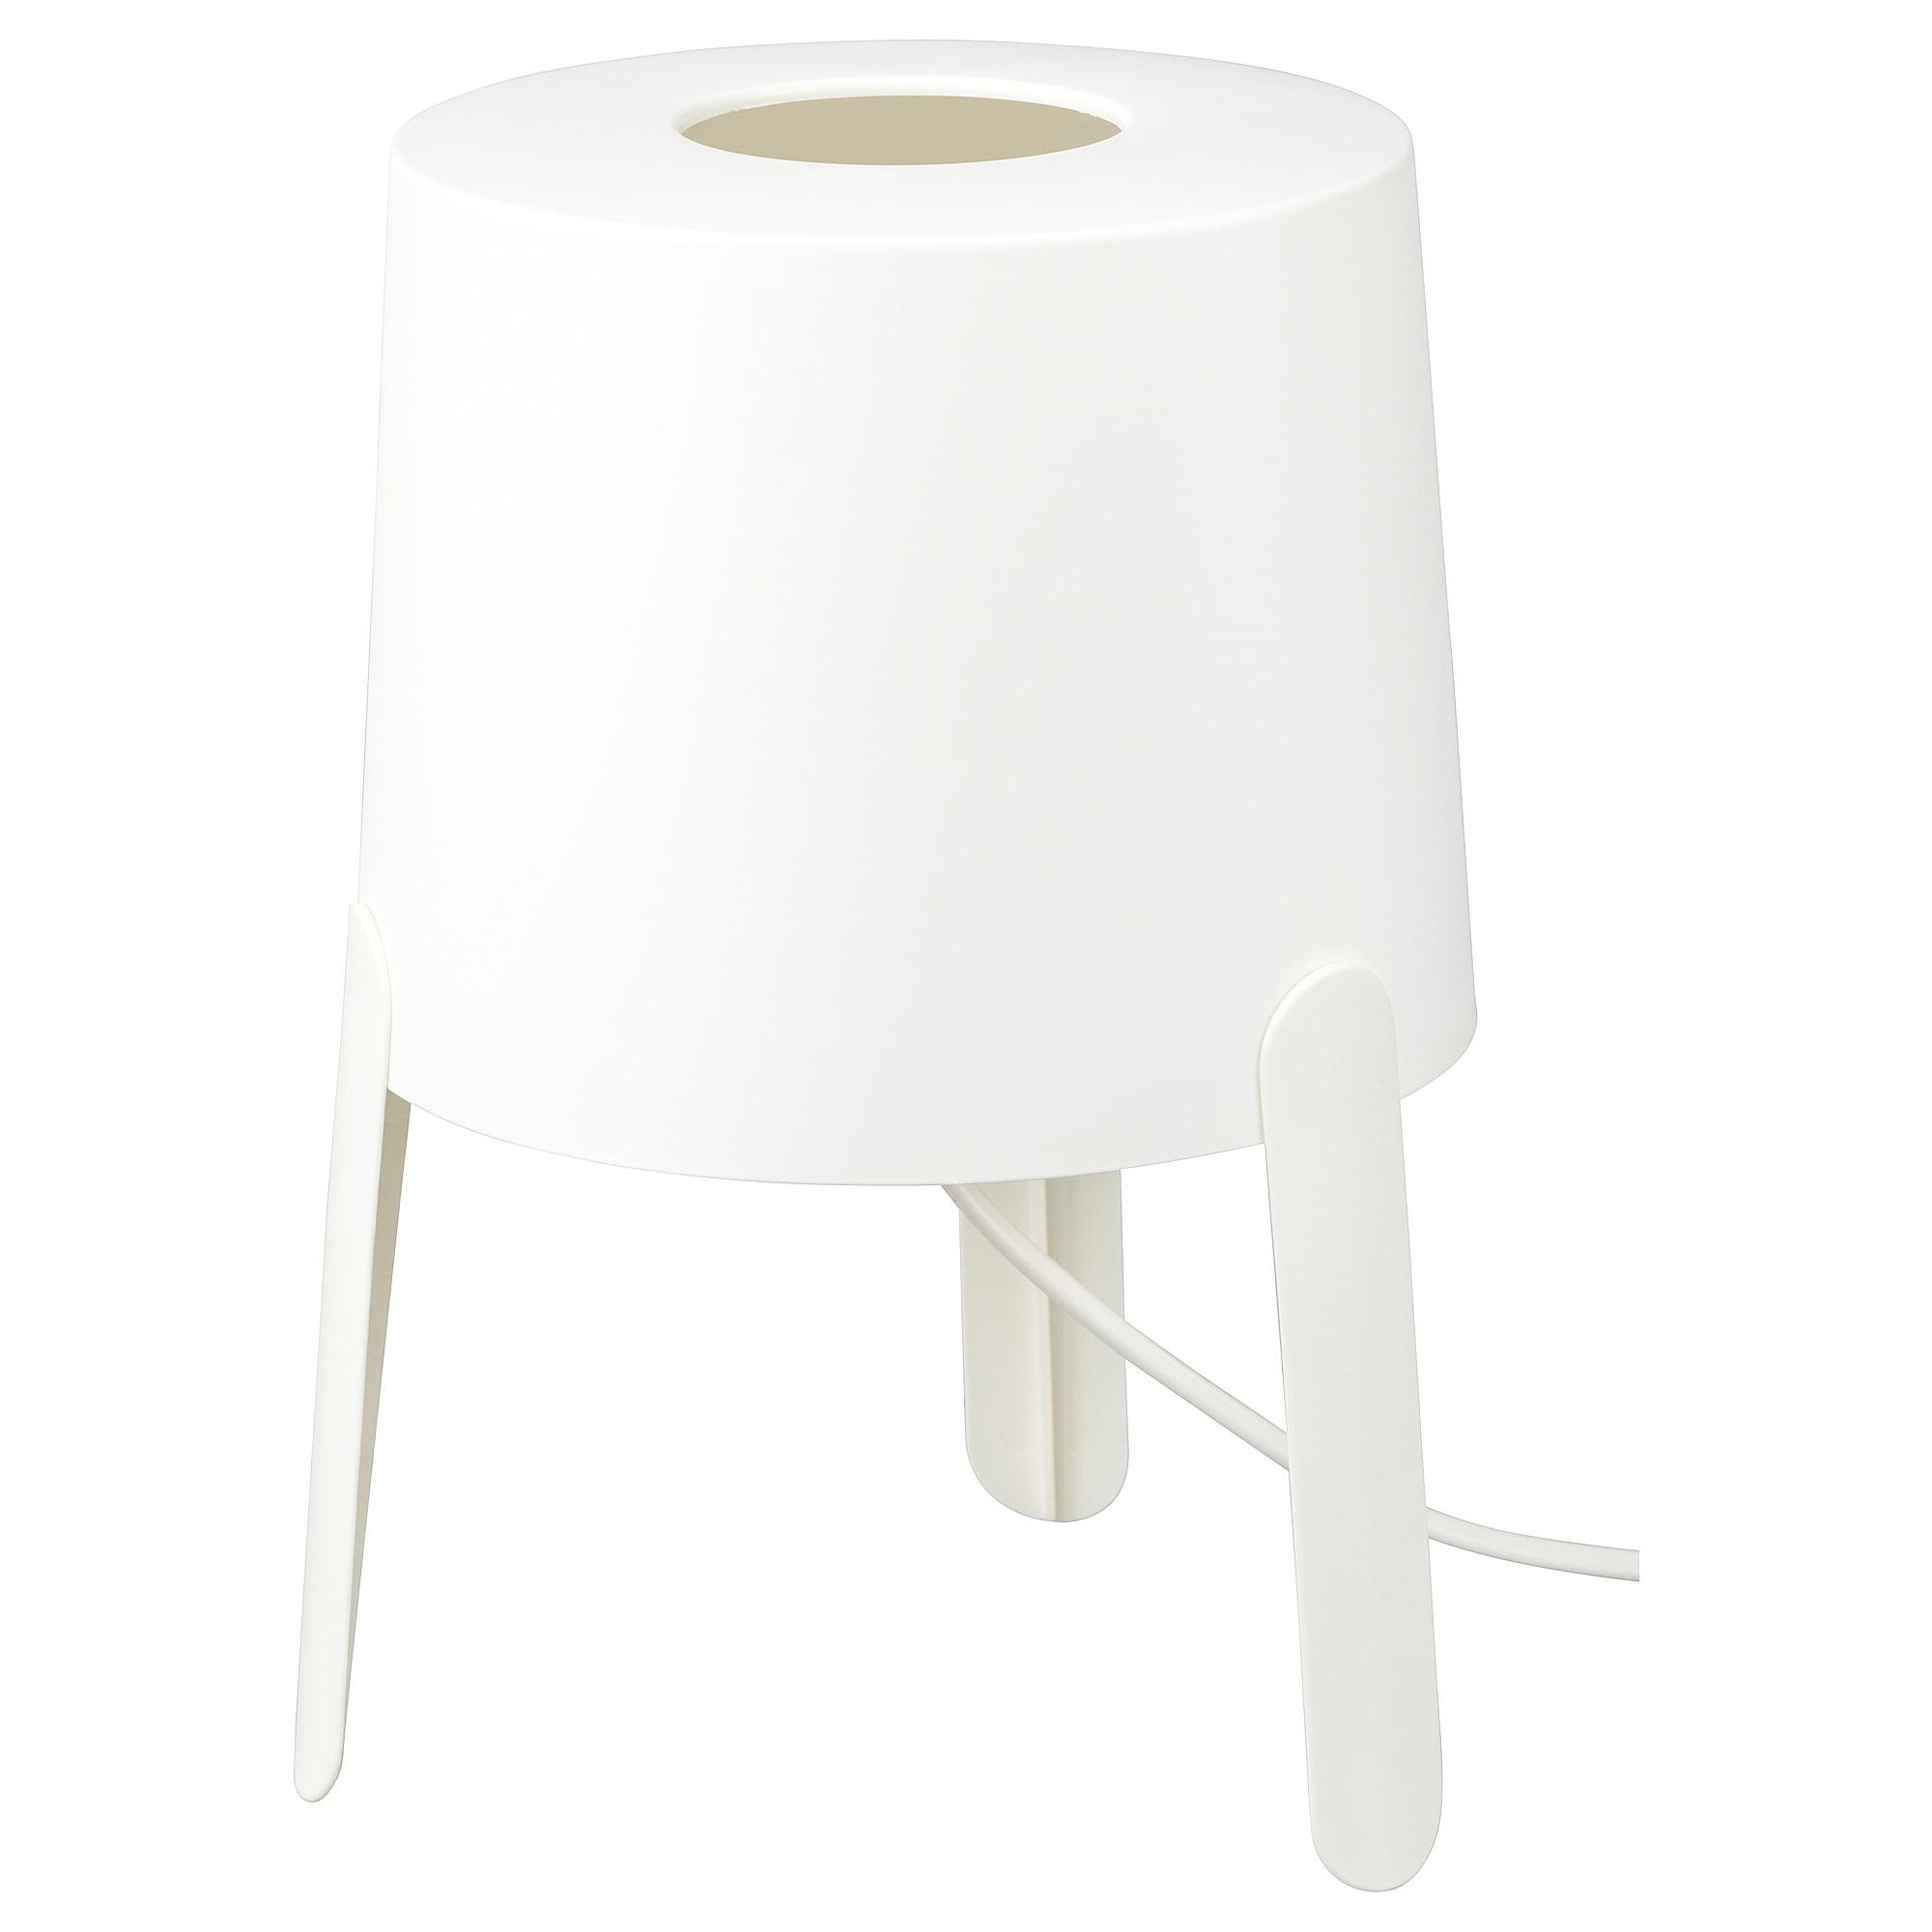 TVARS lamp | IKEA.com